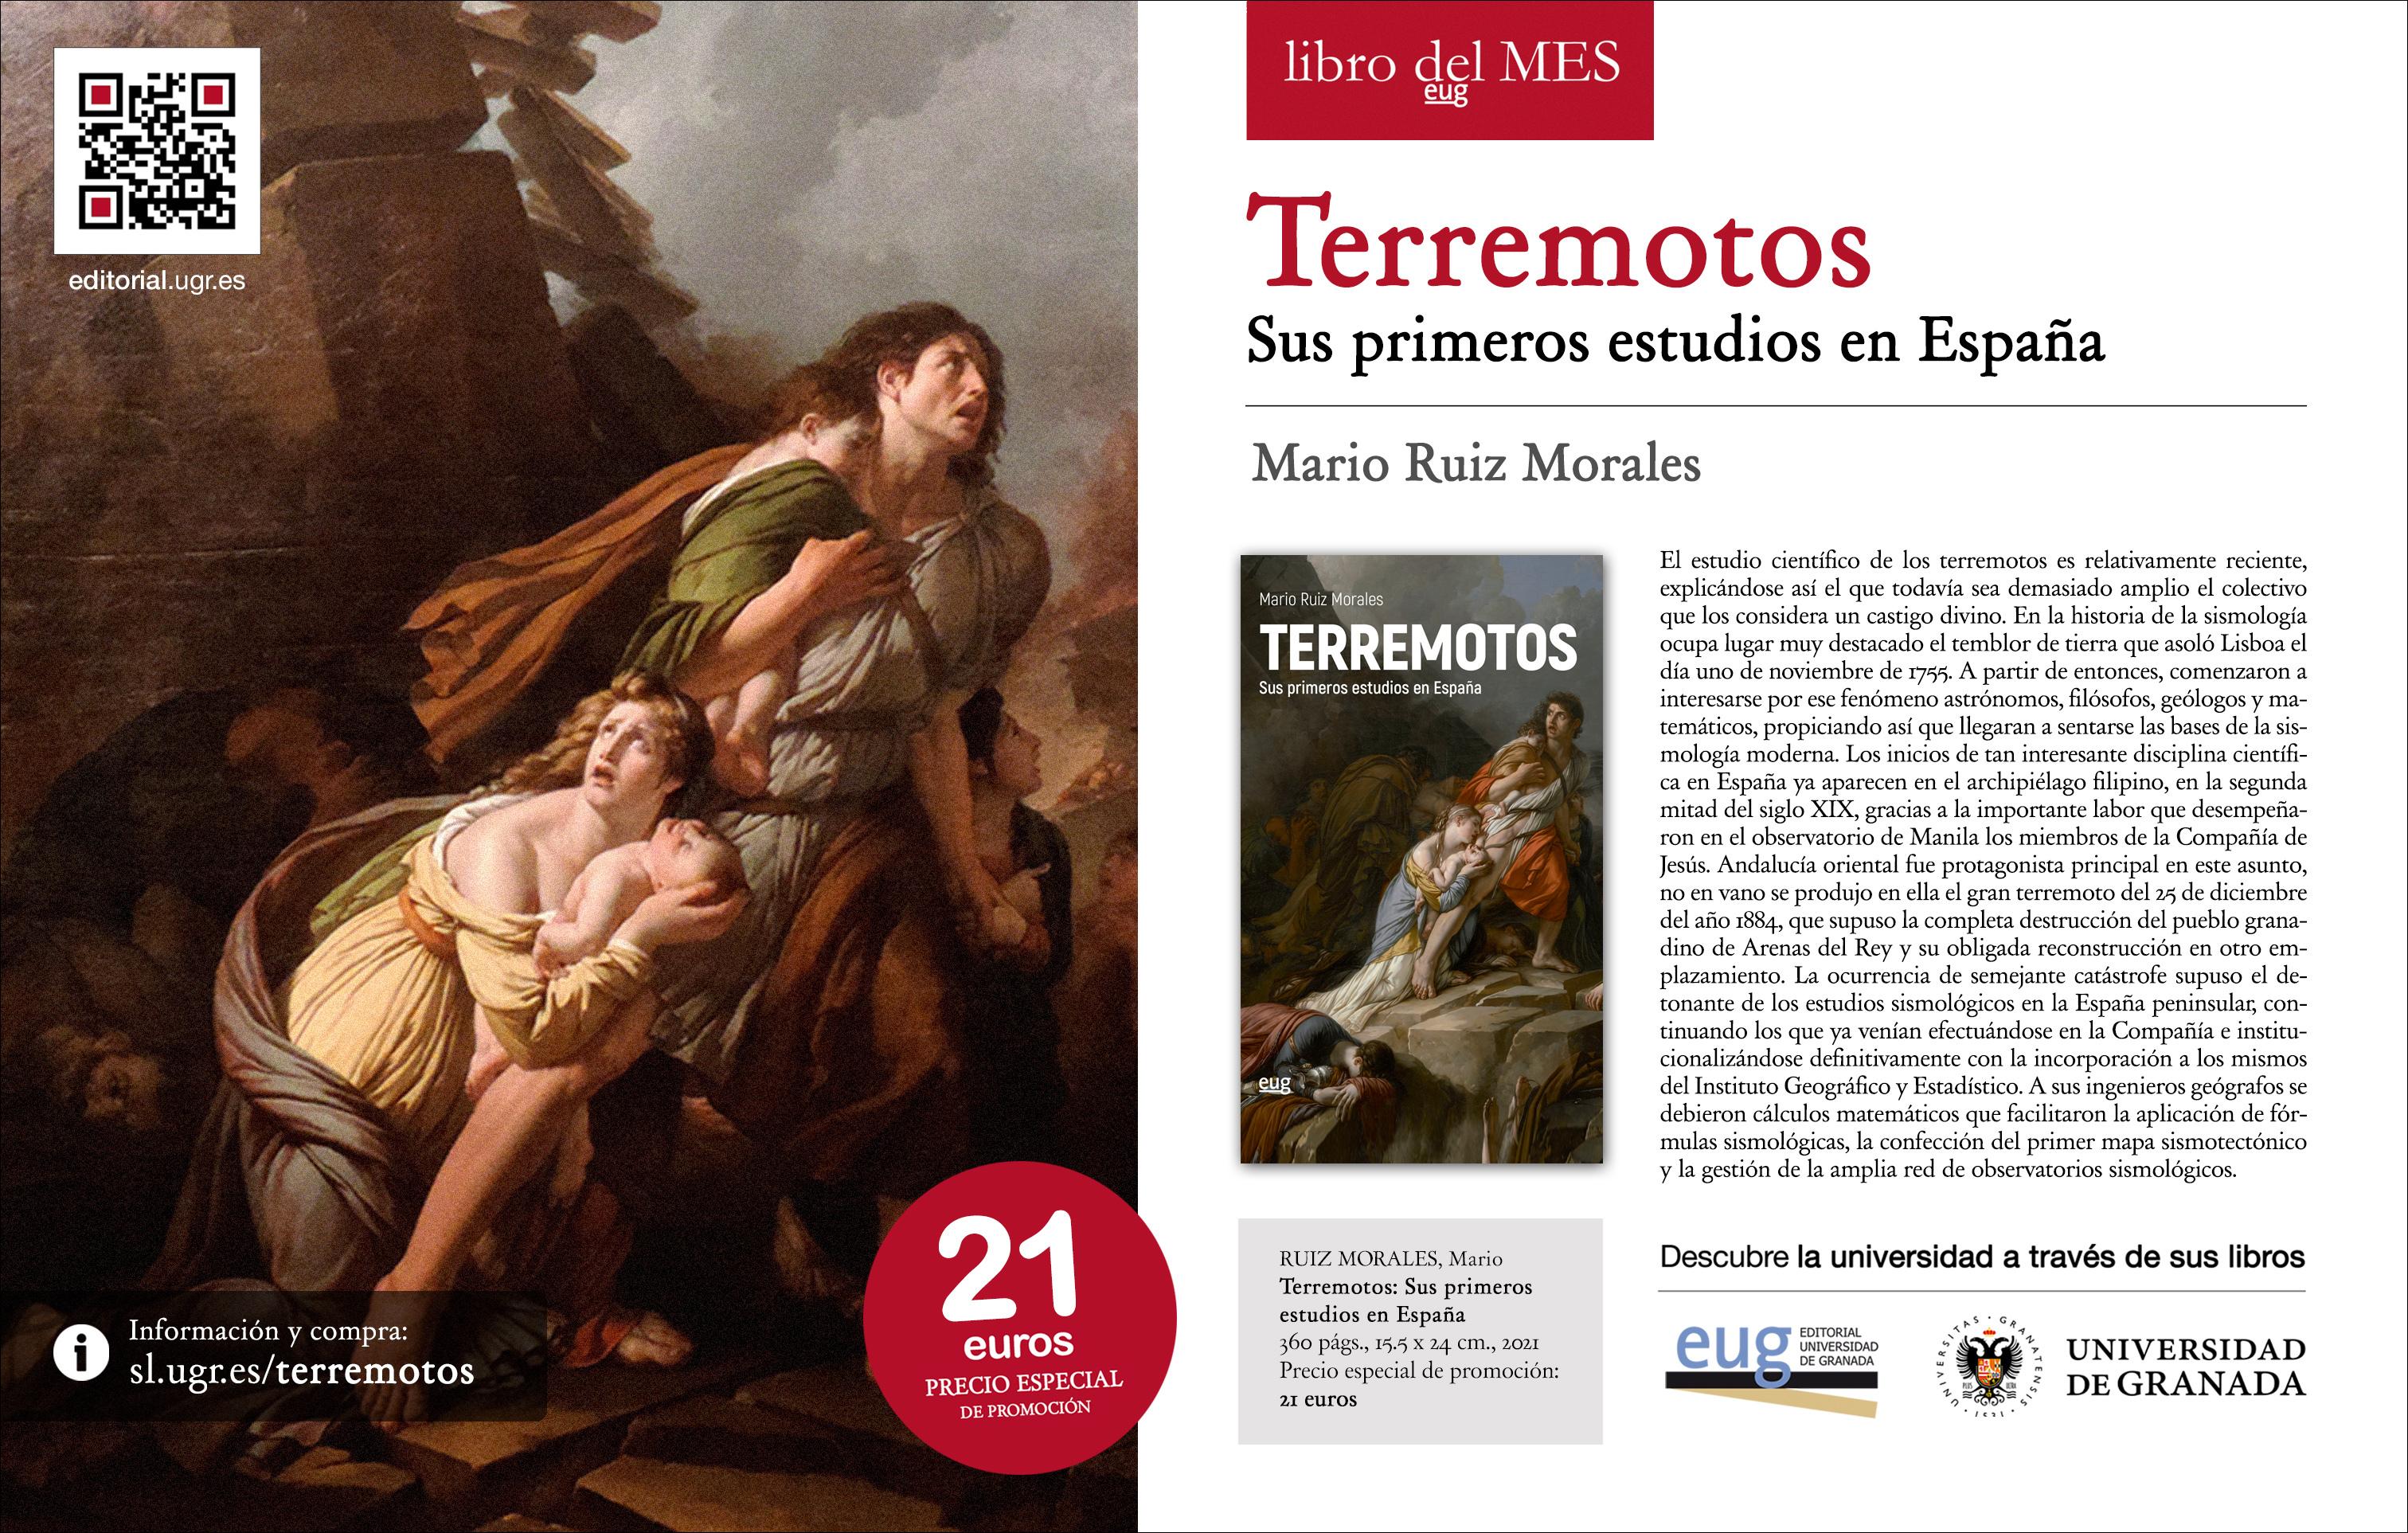 La Editorial de la Universidad elige 'Terremotos: sus primeros estudios en España' como libro del mes de octubre